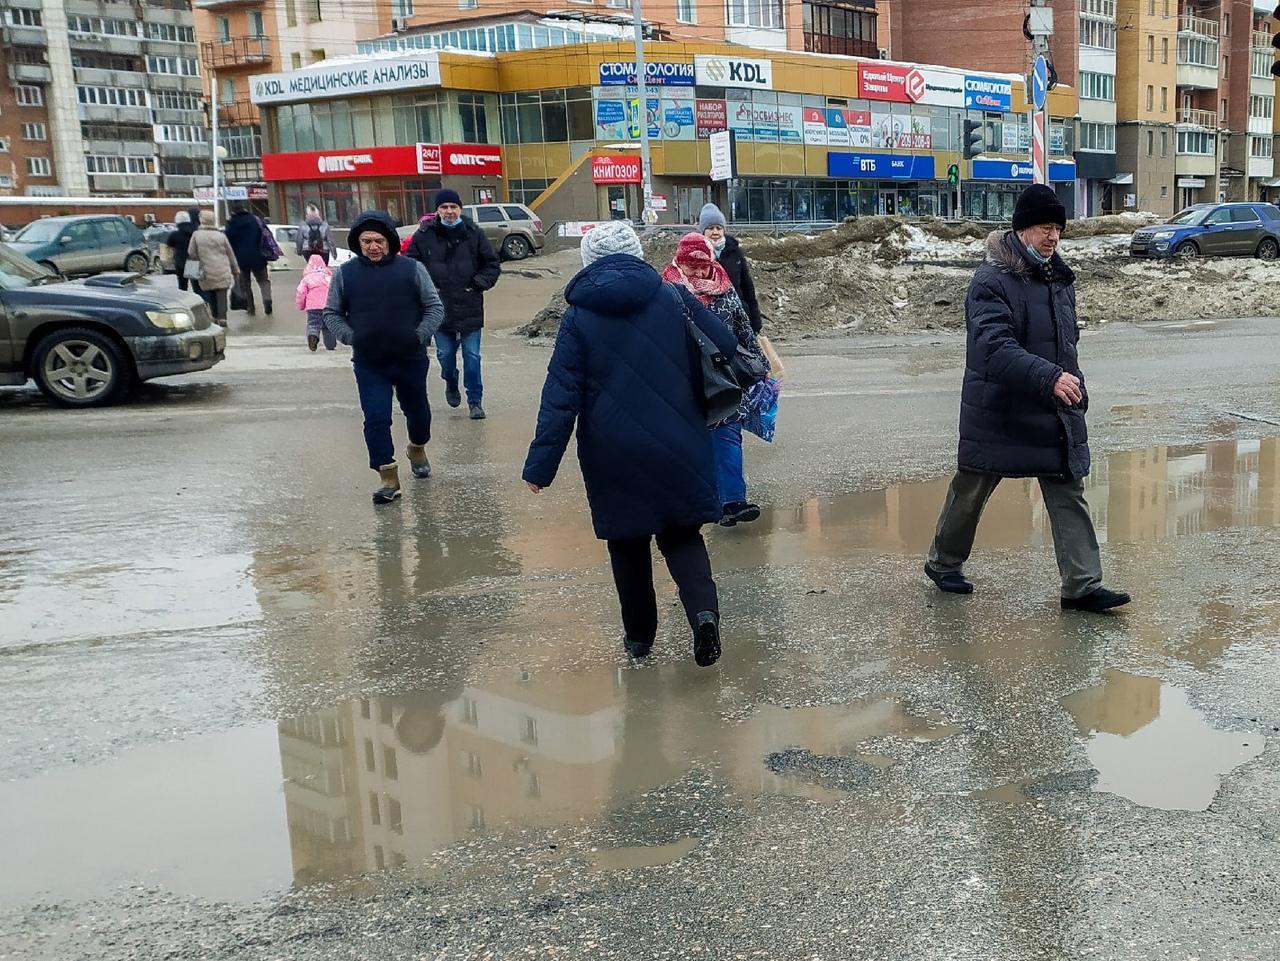 Фото Грязная весна в Новосибирске: 10 ужасающих фото улиц и дворов города 3